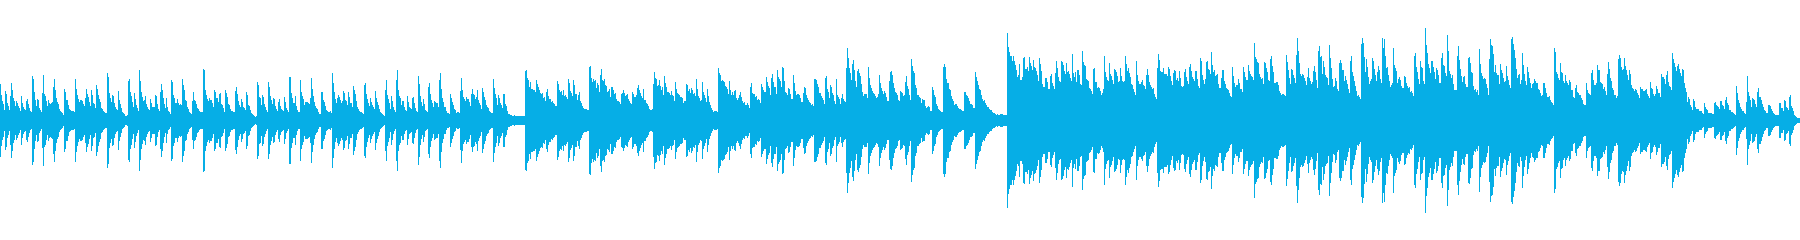 ループ 和を感じる切ないピアノソロの再生済みの波形